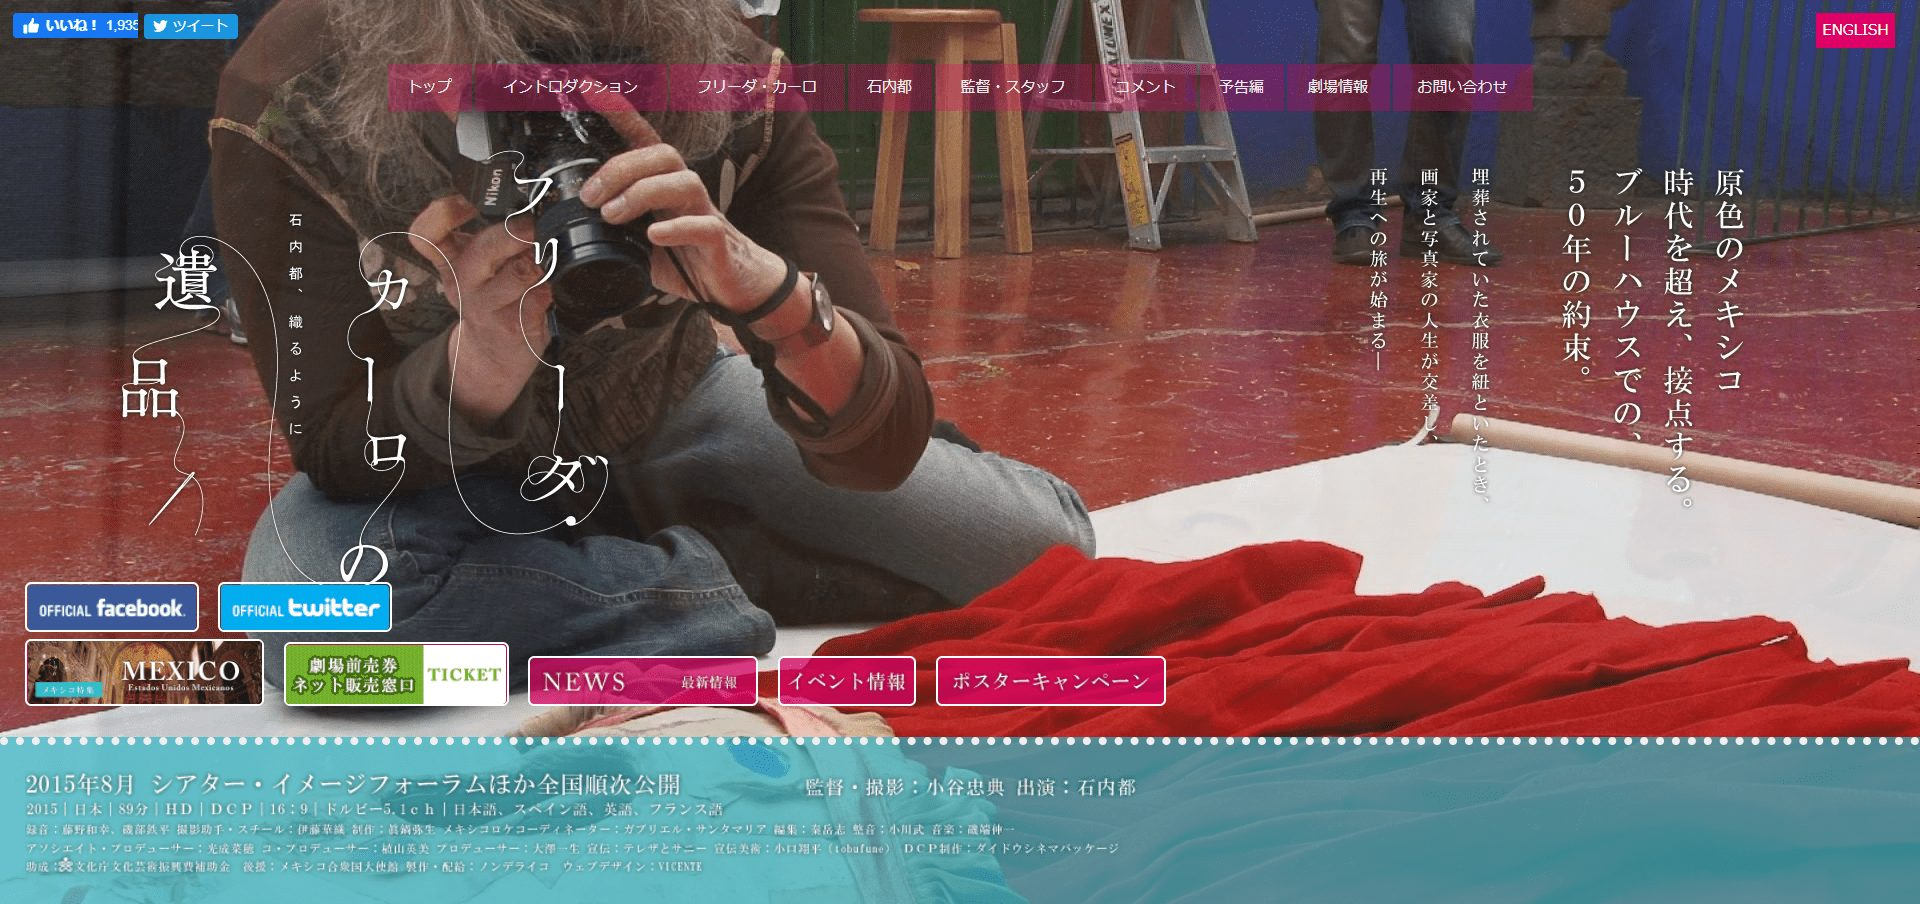 過去実績事例|ウェブ制作|ドキュメンタリー映画『フリーダ・カーロの遺品 - 石内都、織るように』・The Legacy of FRIDA KAHLO|VICENTE | ウェブ制作、ニューヨーク、ウェブデザイン、東京、映画、公式サイト、日英語字幕翻訳、オフィシャルサイト|web design, web development, new york, film, film translation